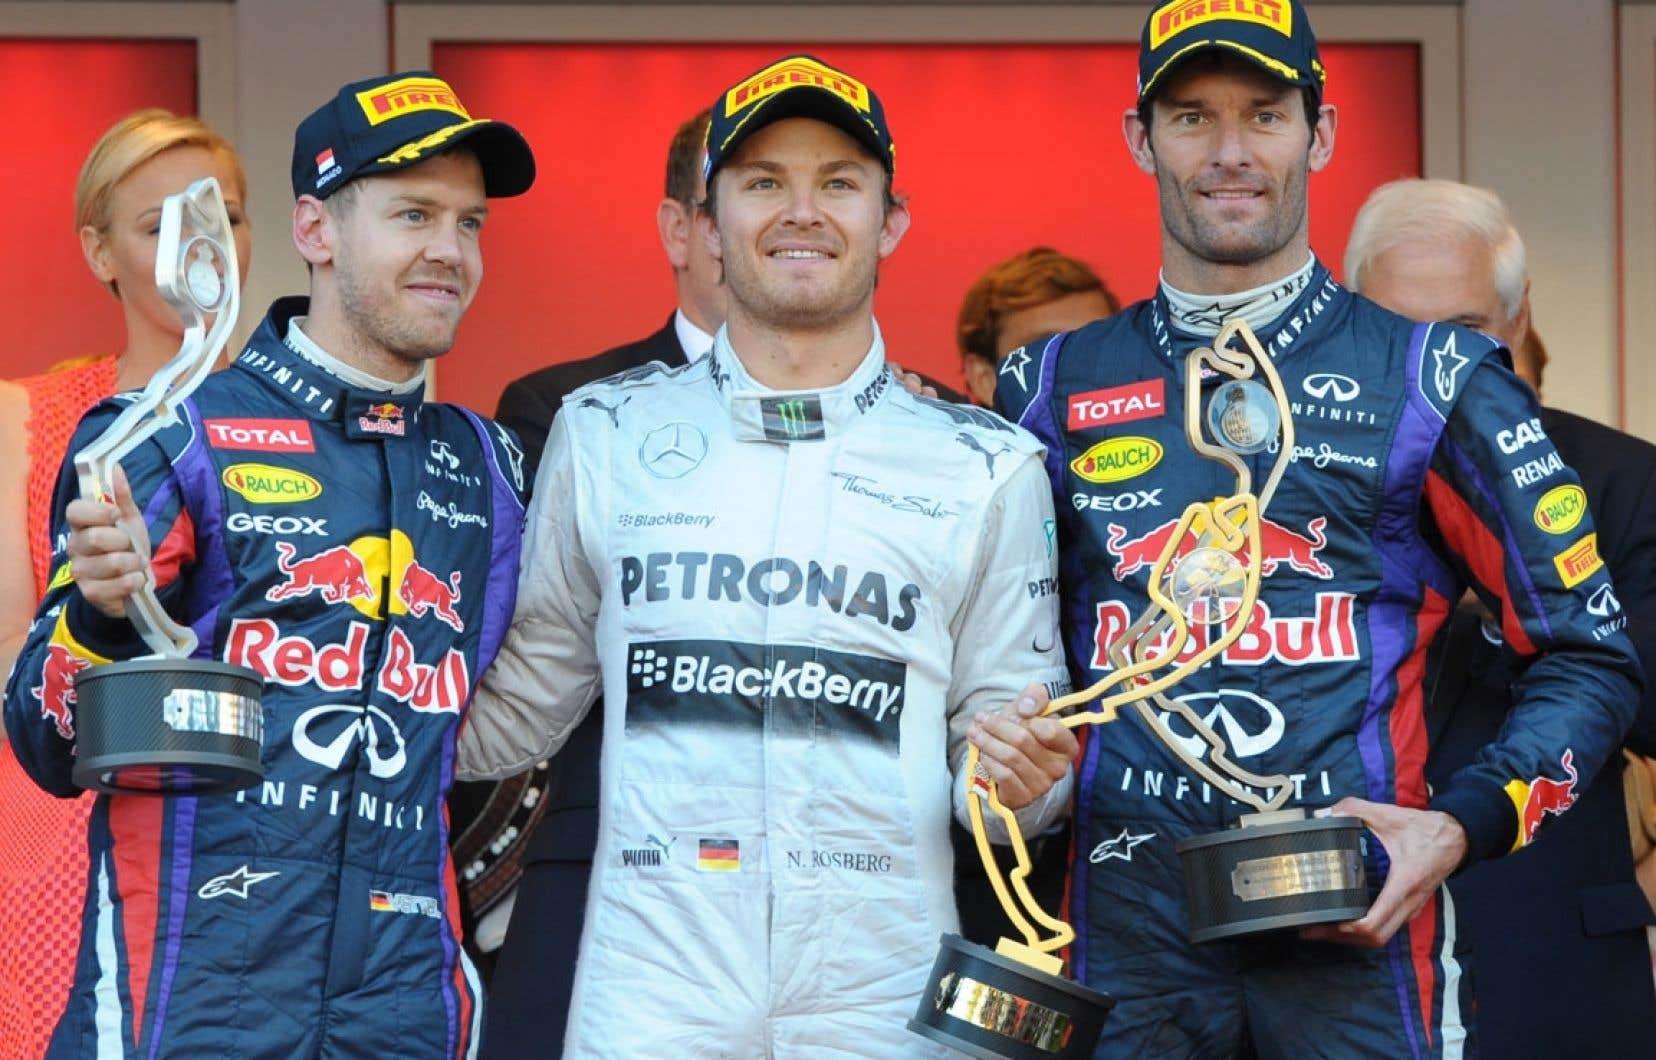 Sebastian Vettel et Mark Webber, de Red Bull, entourent Nico Rosberg, de Mercedes, sur le podium du Grand Prix de Monaco, sixième manche de la saison de Formule 1.